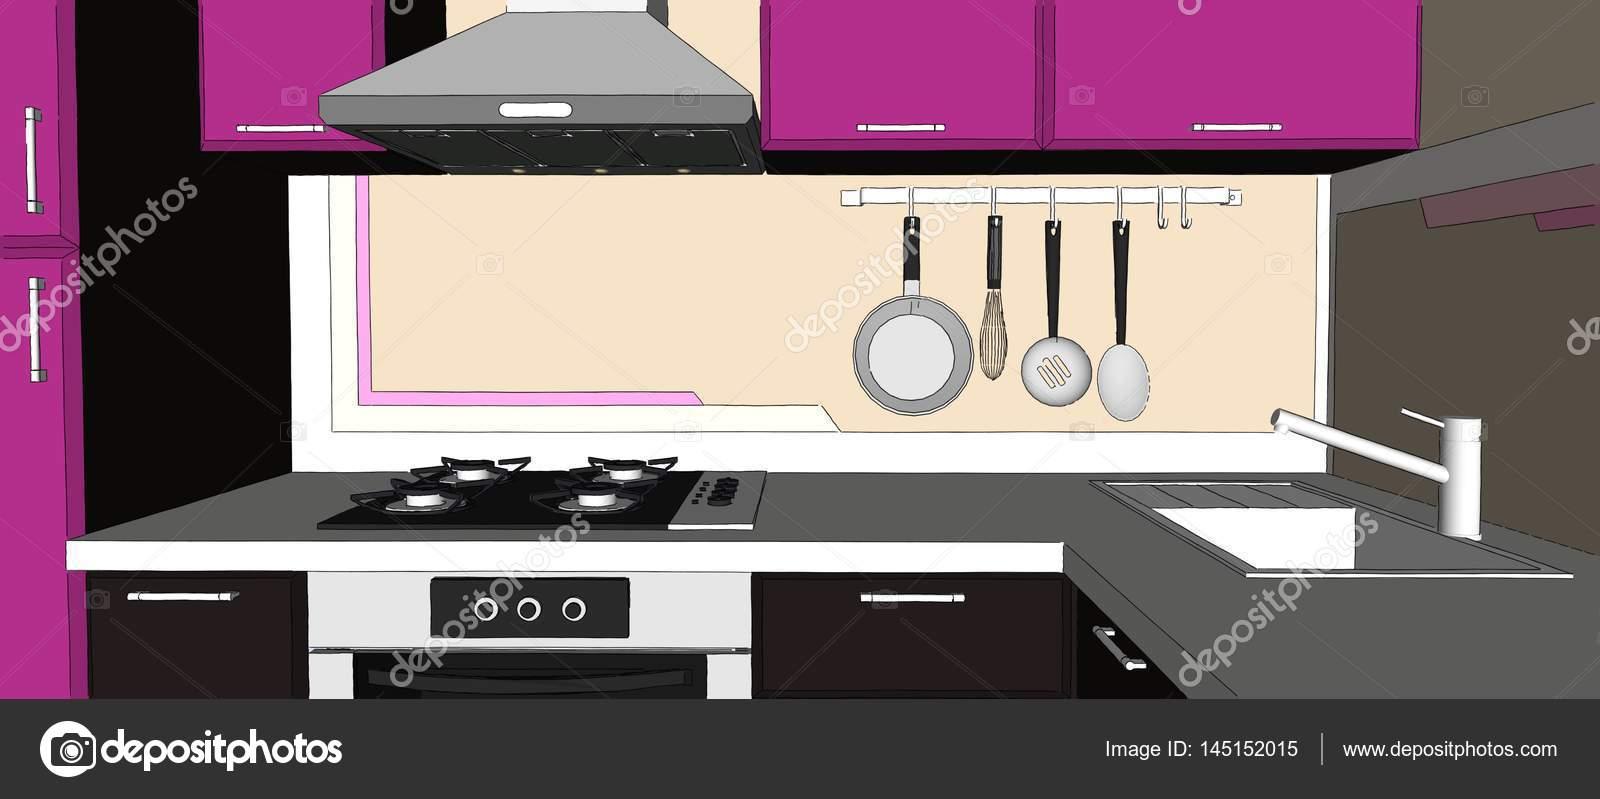 corner hutch kitchen unique canisters 淡紫色和棕色的角落厨房室内的素描插图 图库照片 c scale 08 mail ru